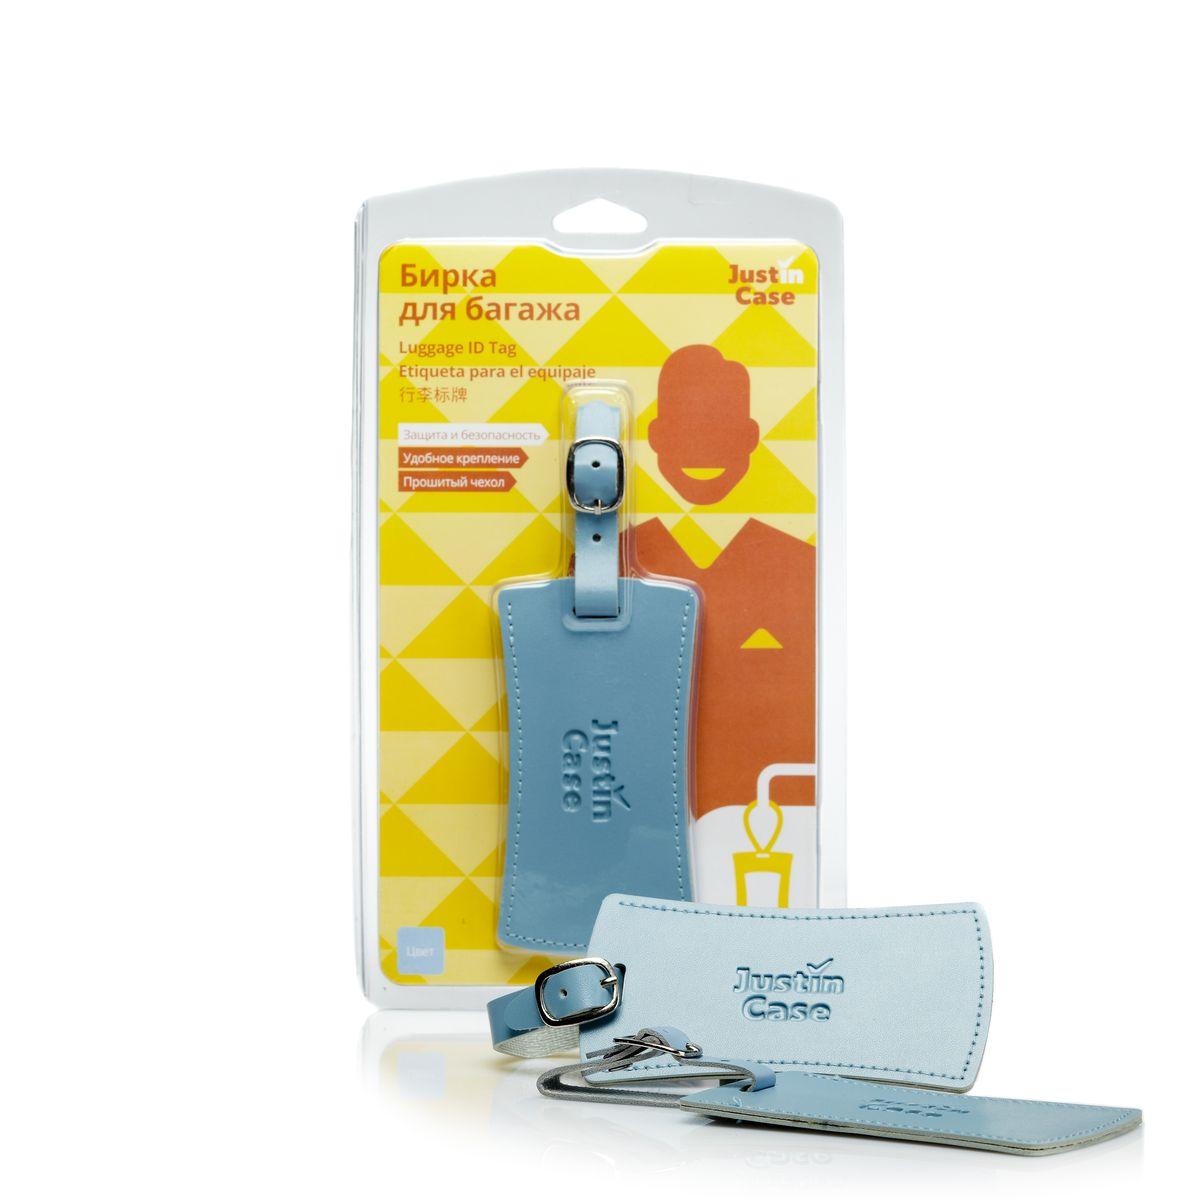 Бирка для багажа JustinCase, цвет: голубой, 2 шт51729Бирка для багажа JustinCase изготовлена из искусственной кожи на основе полиуретана. Имеет прошитый износоустойчивый чехол, карточку для записи контактных данных, гибкое регулируемое крепление. Такая бирка для багажа с вашими контактными данными в случае утери поможет вашему чемодану найтись как можно быстрее. Также она поможет легко опознать багаж на ленте транспортера. Если у вас есть визитная карточка, вы можете просто вложить ее в такую бирку - по размеру как раз поместится.В наборе - две бирки.Материал: искусственная кожа на основе полиуретана, металл.Размер бирки (без учета ремешка): 6 см х 11 см х 0,2 см.